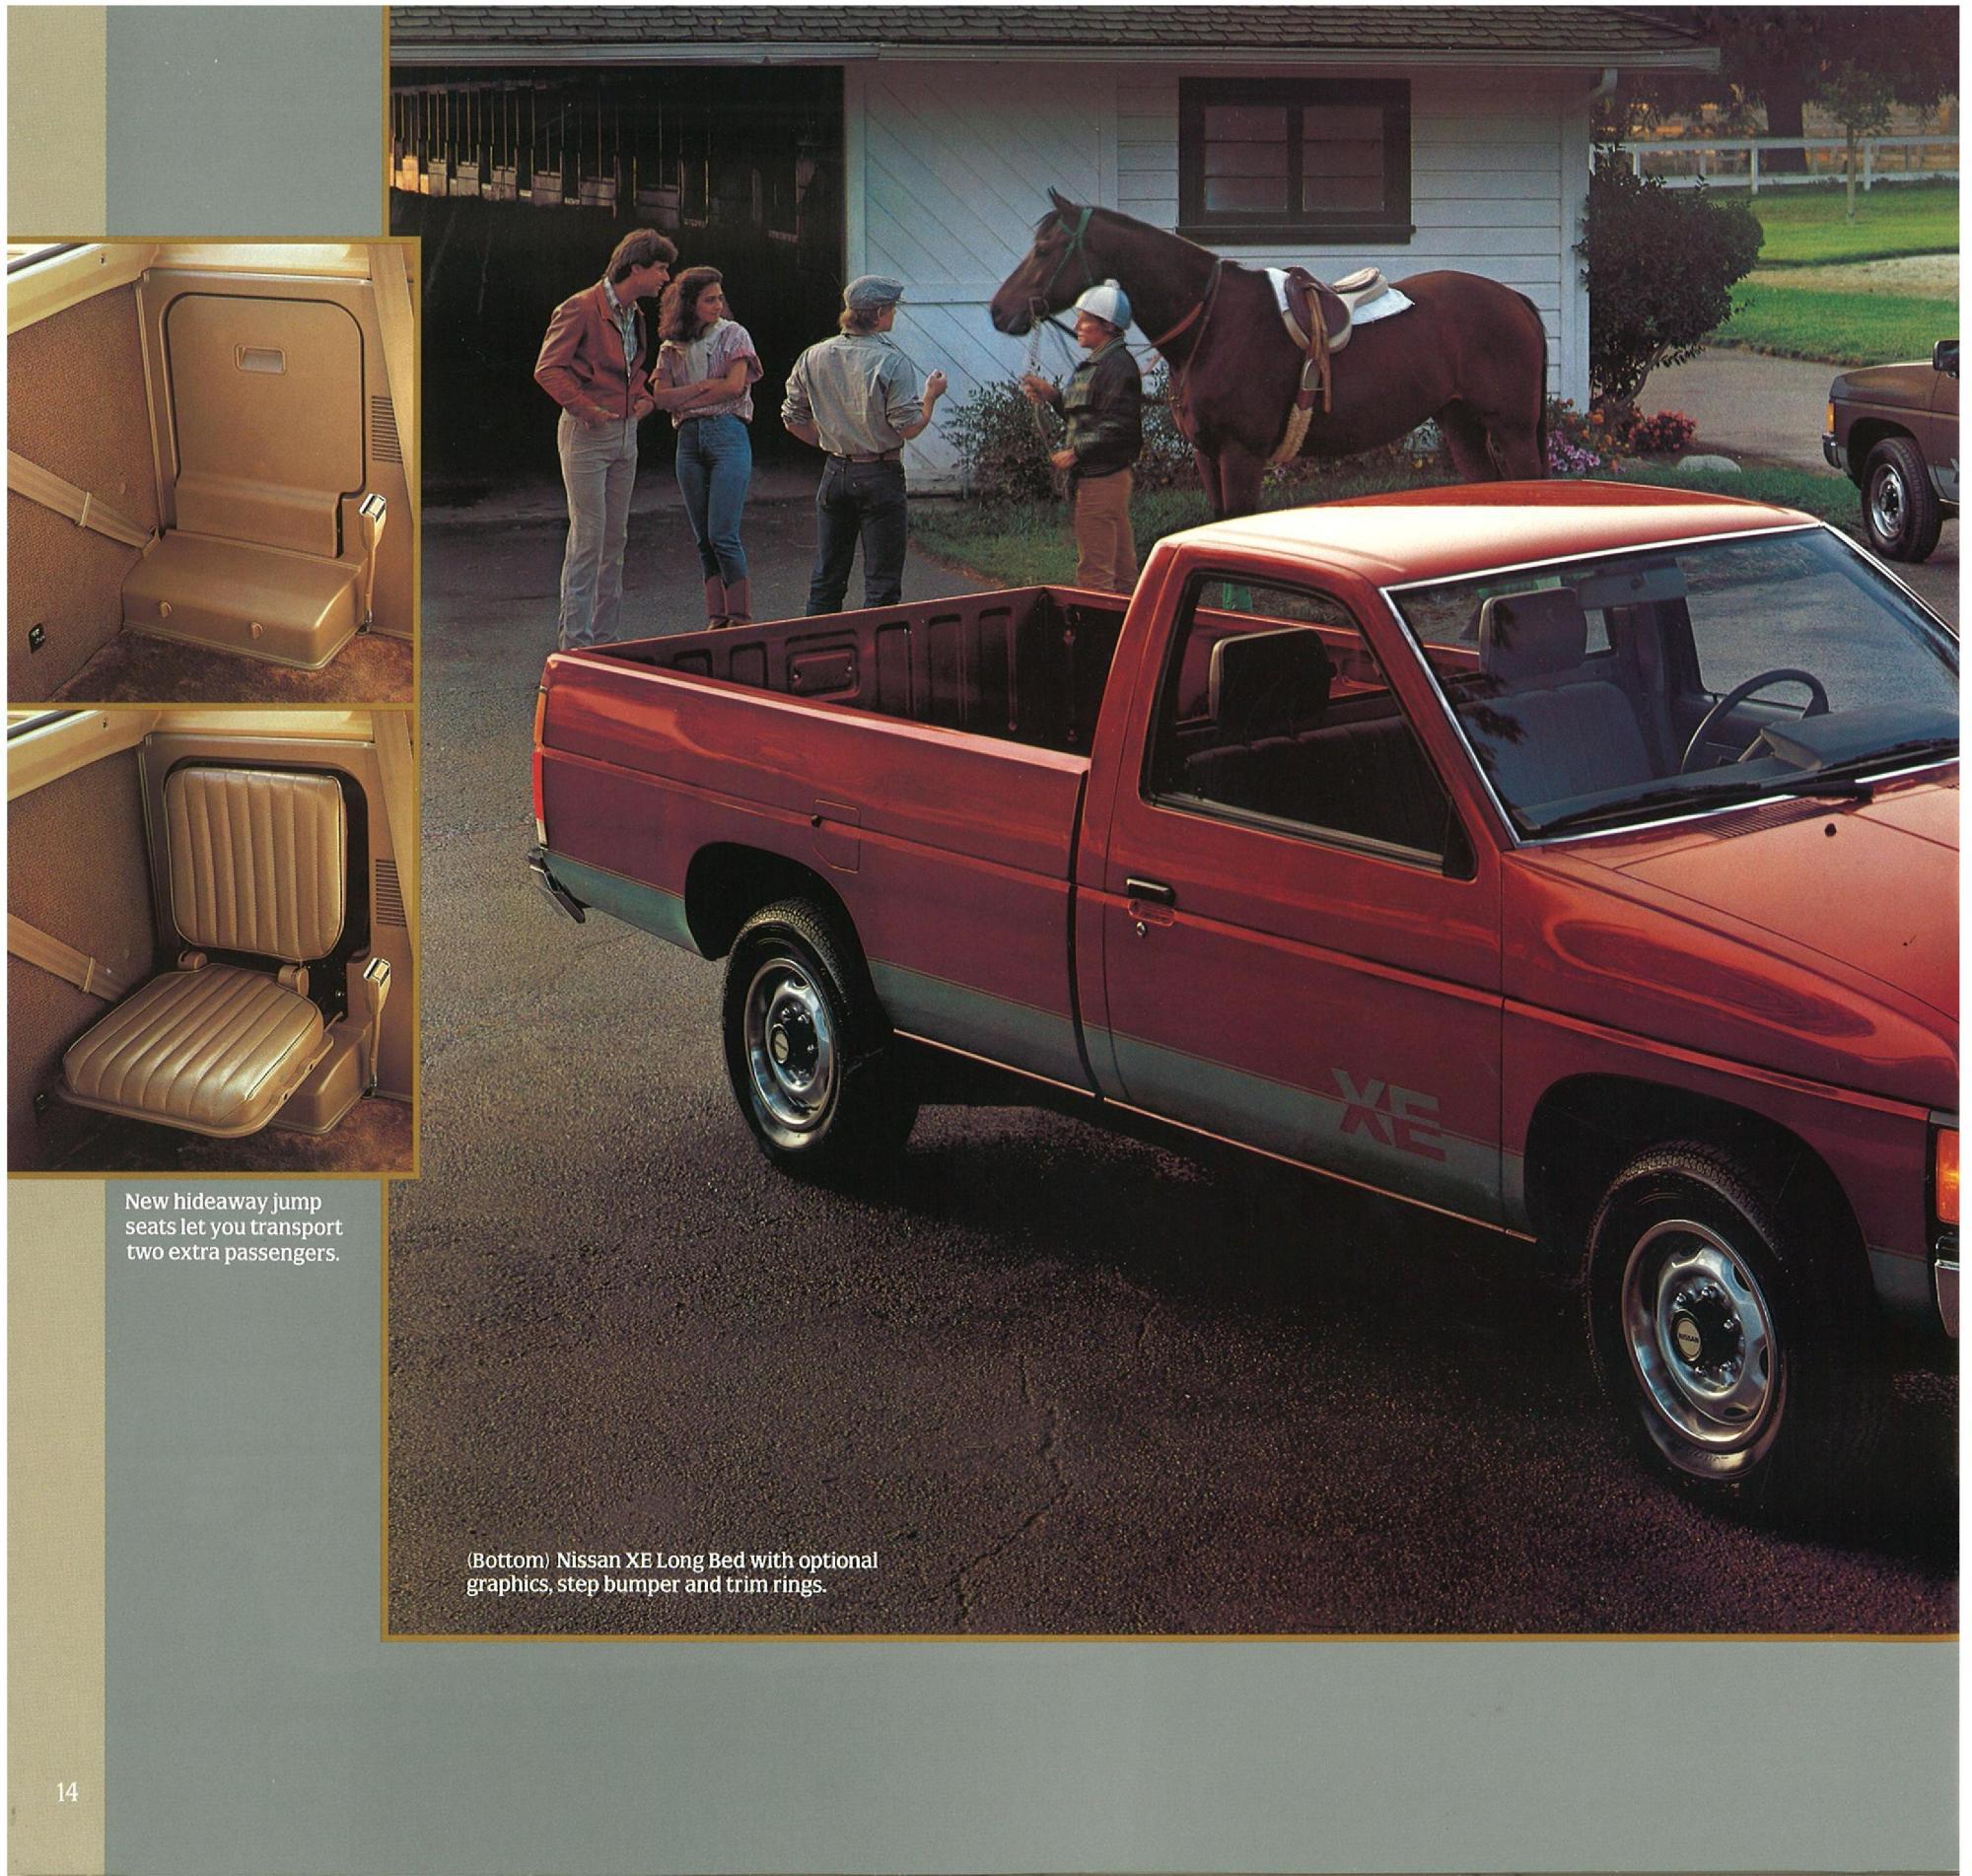 hight resolution of  1987 nissan d21 hardbody trucks brochure b 2 1987 nissan d21 hardbody trucks brochure b